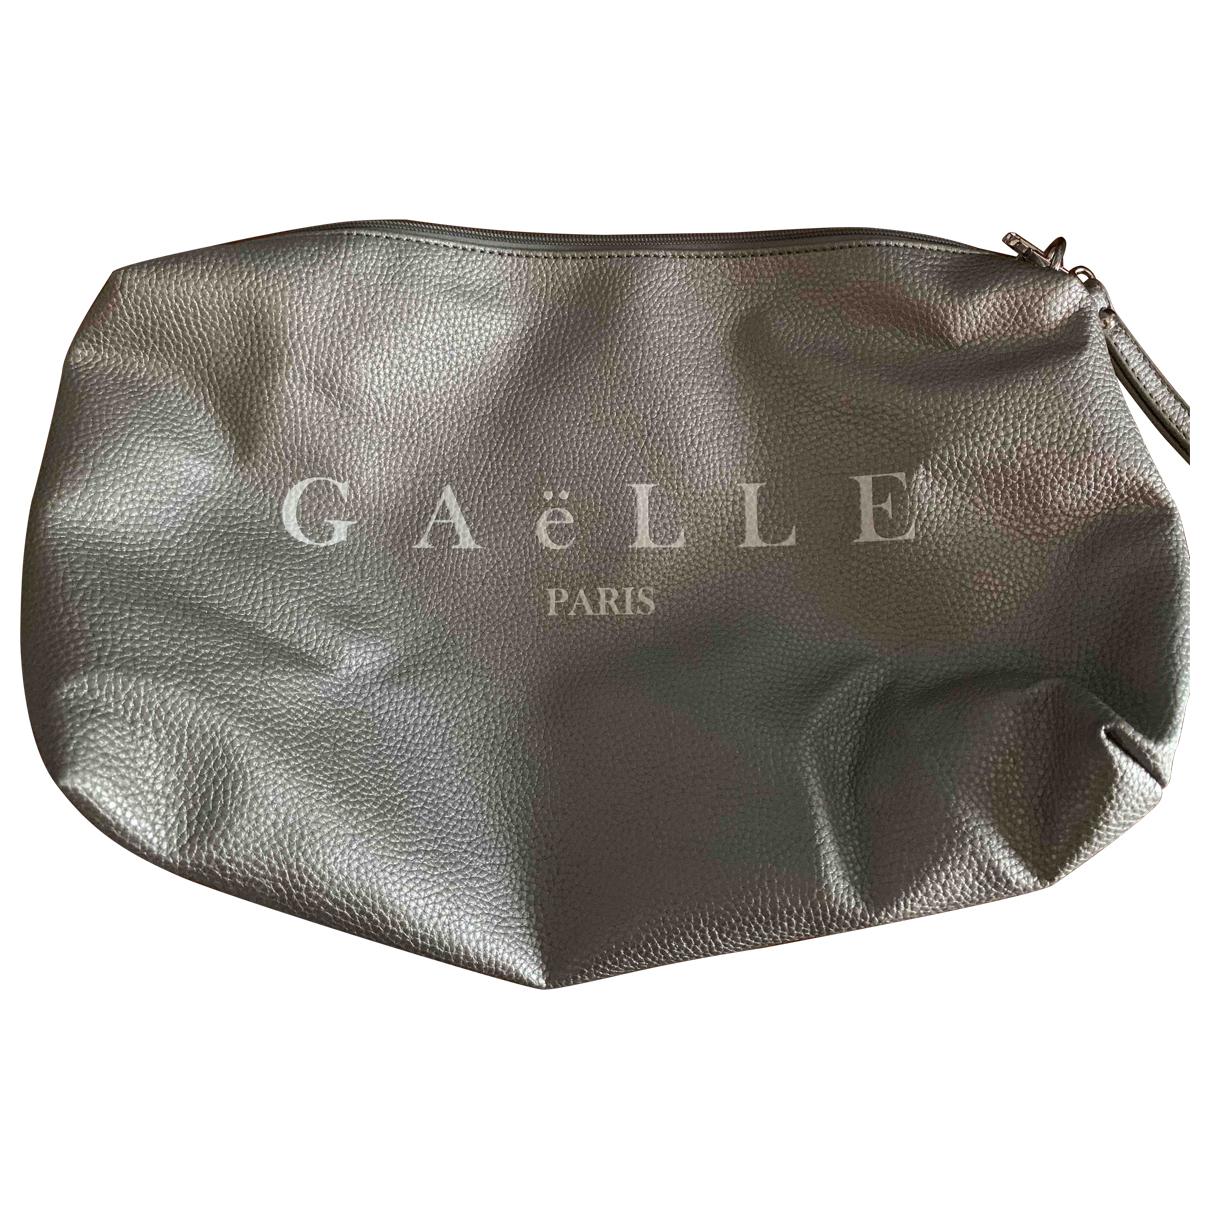 Gaelle Paris - Pochette   pour femme en cuir - argente